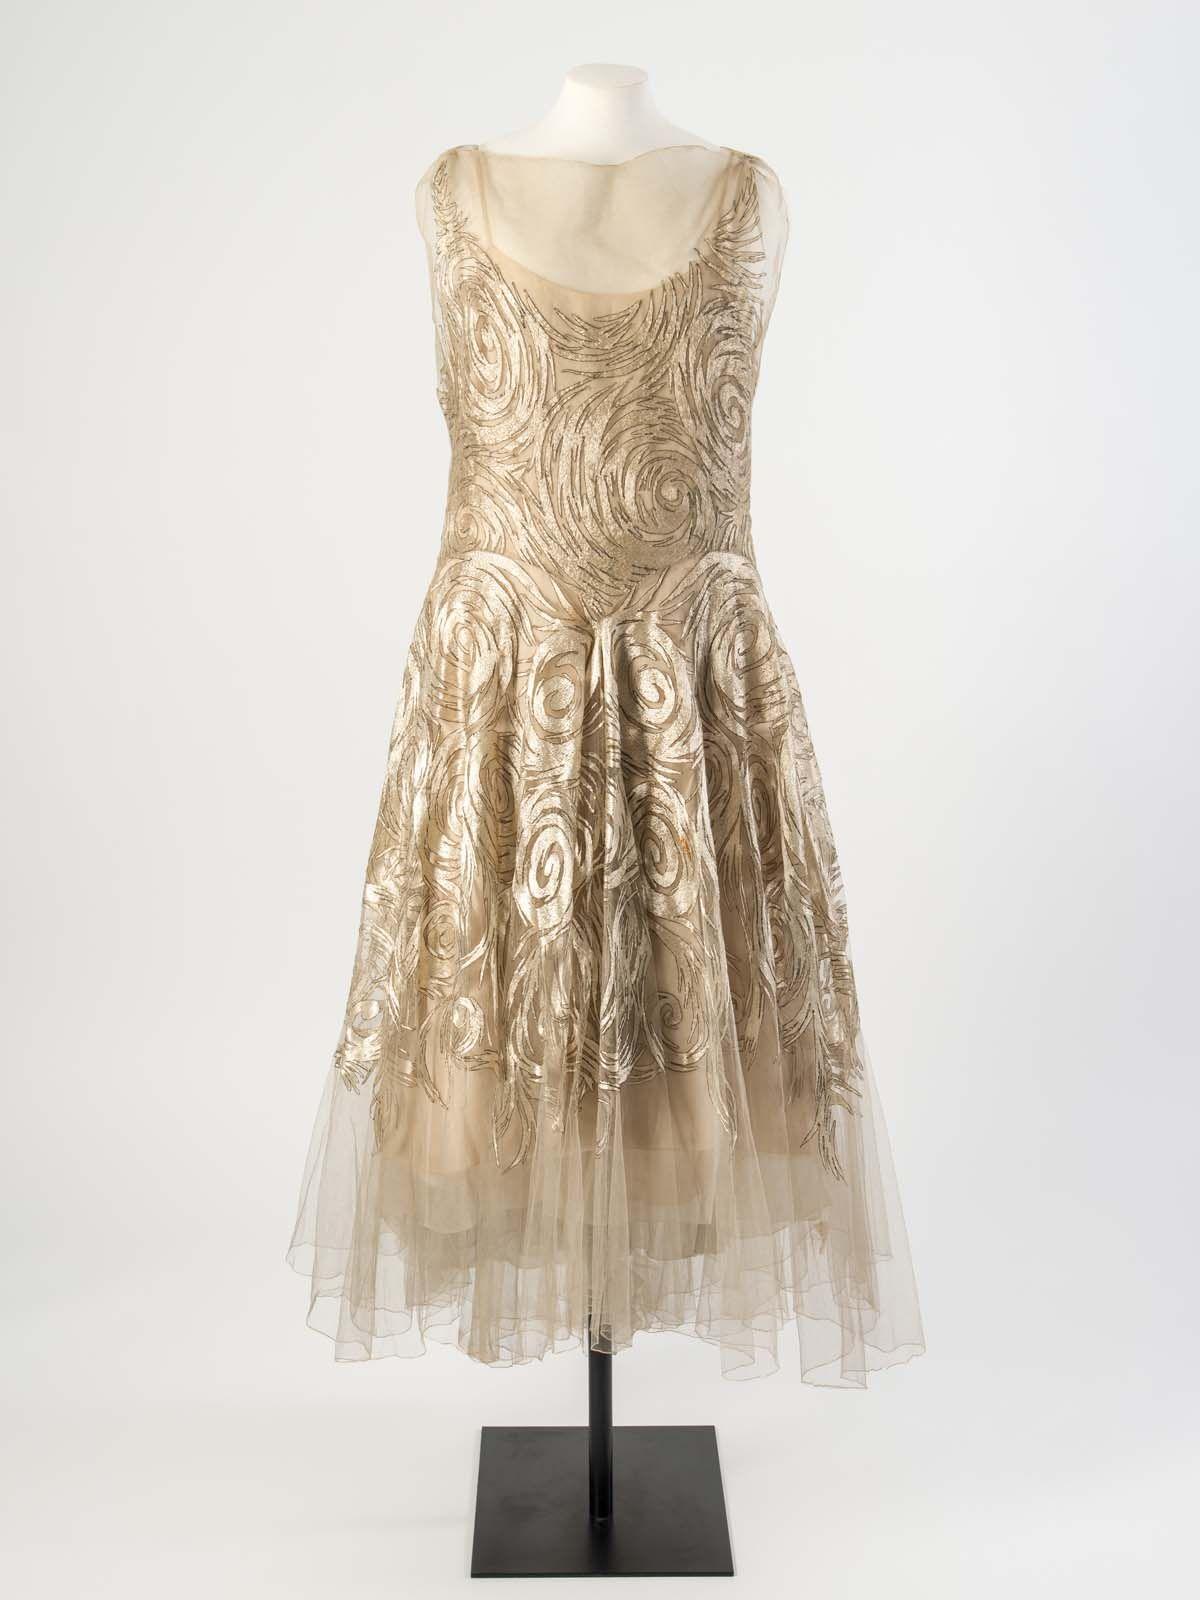 Madeleine vionnet cream silk net evening dress embroidered with